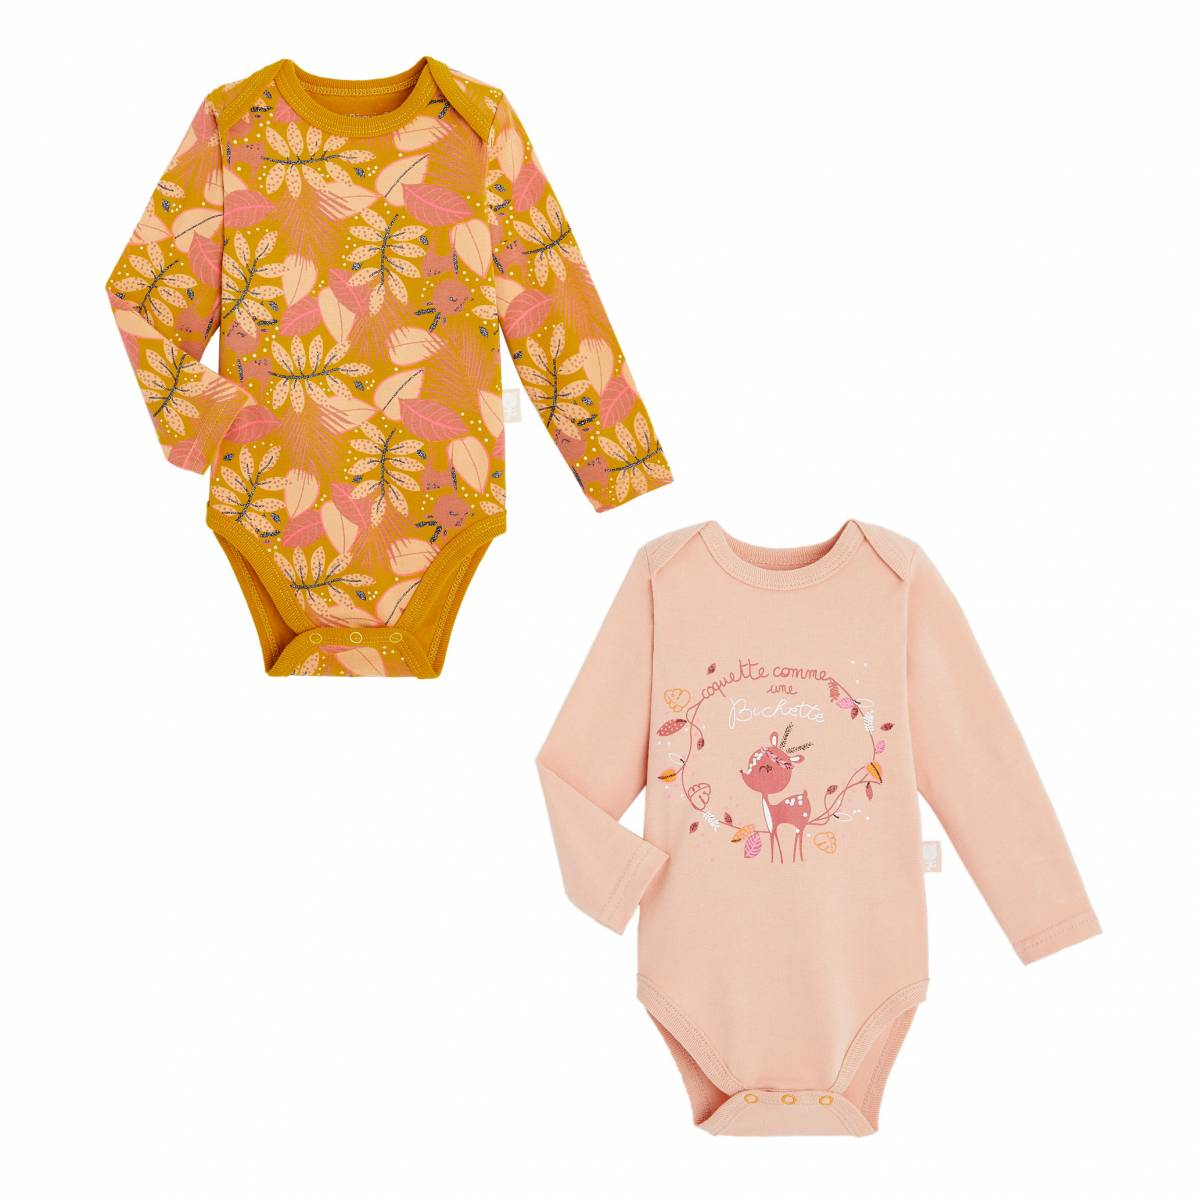 Petit Béguin Lot de 2 bodies bébé fille manches longues contenant du coton bio Papaye - Taille - 3 mois